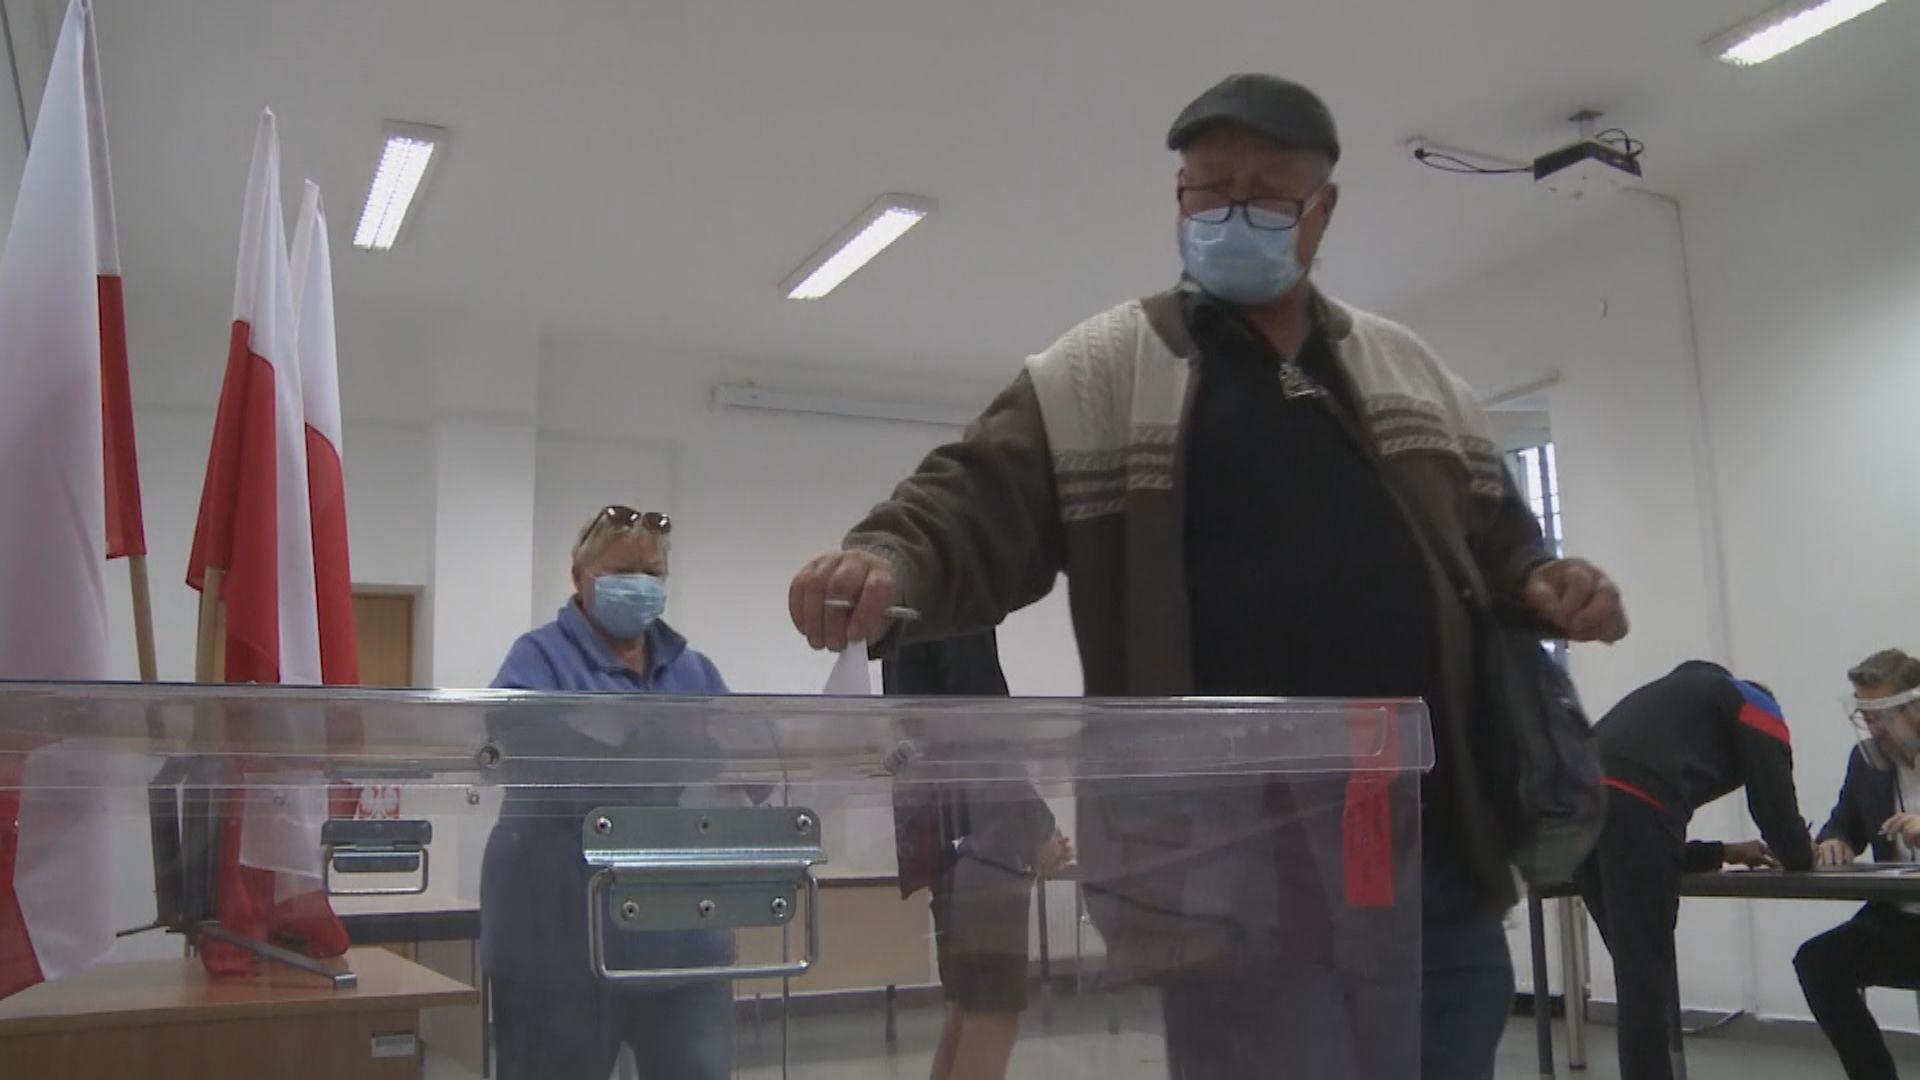 波蘭總統選舉投票結束 民調指兩候選人得票接近